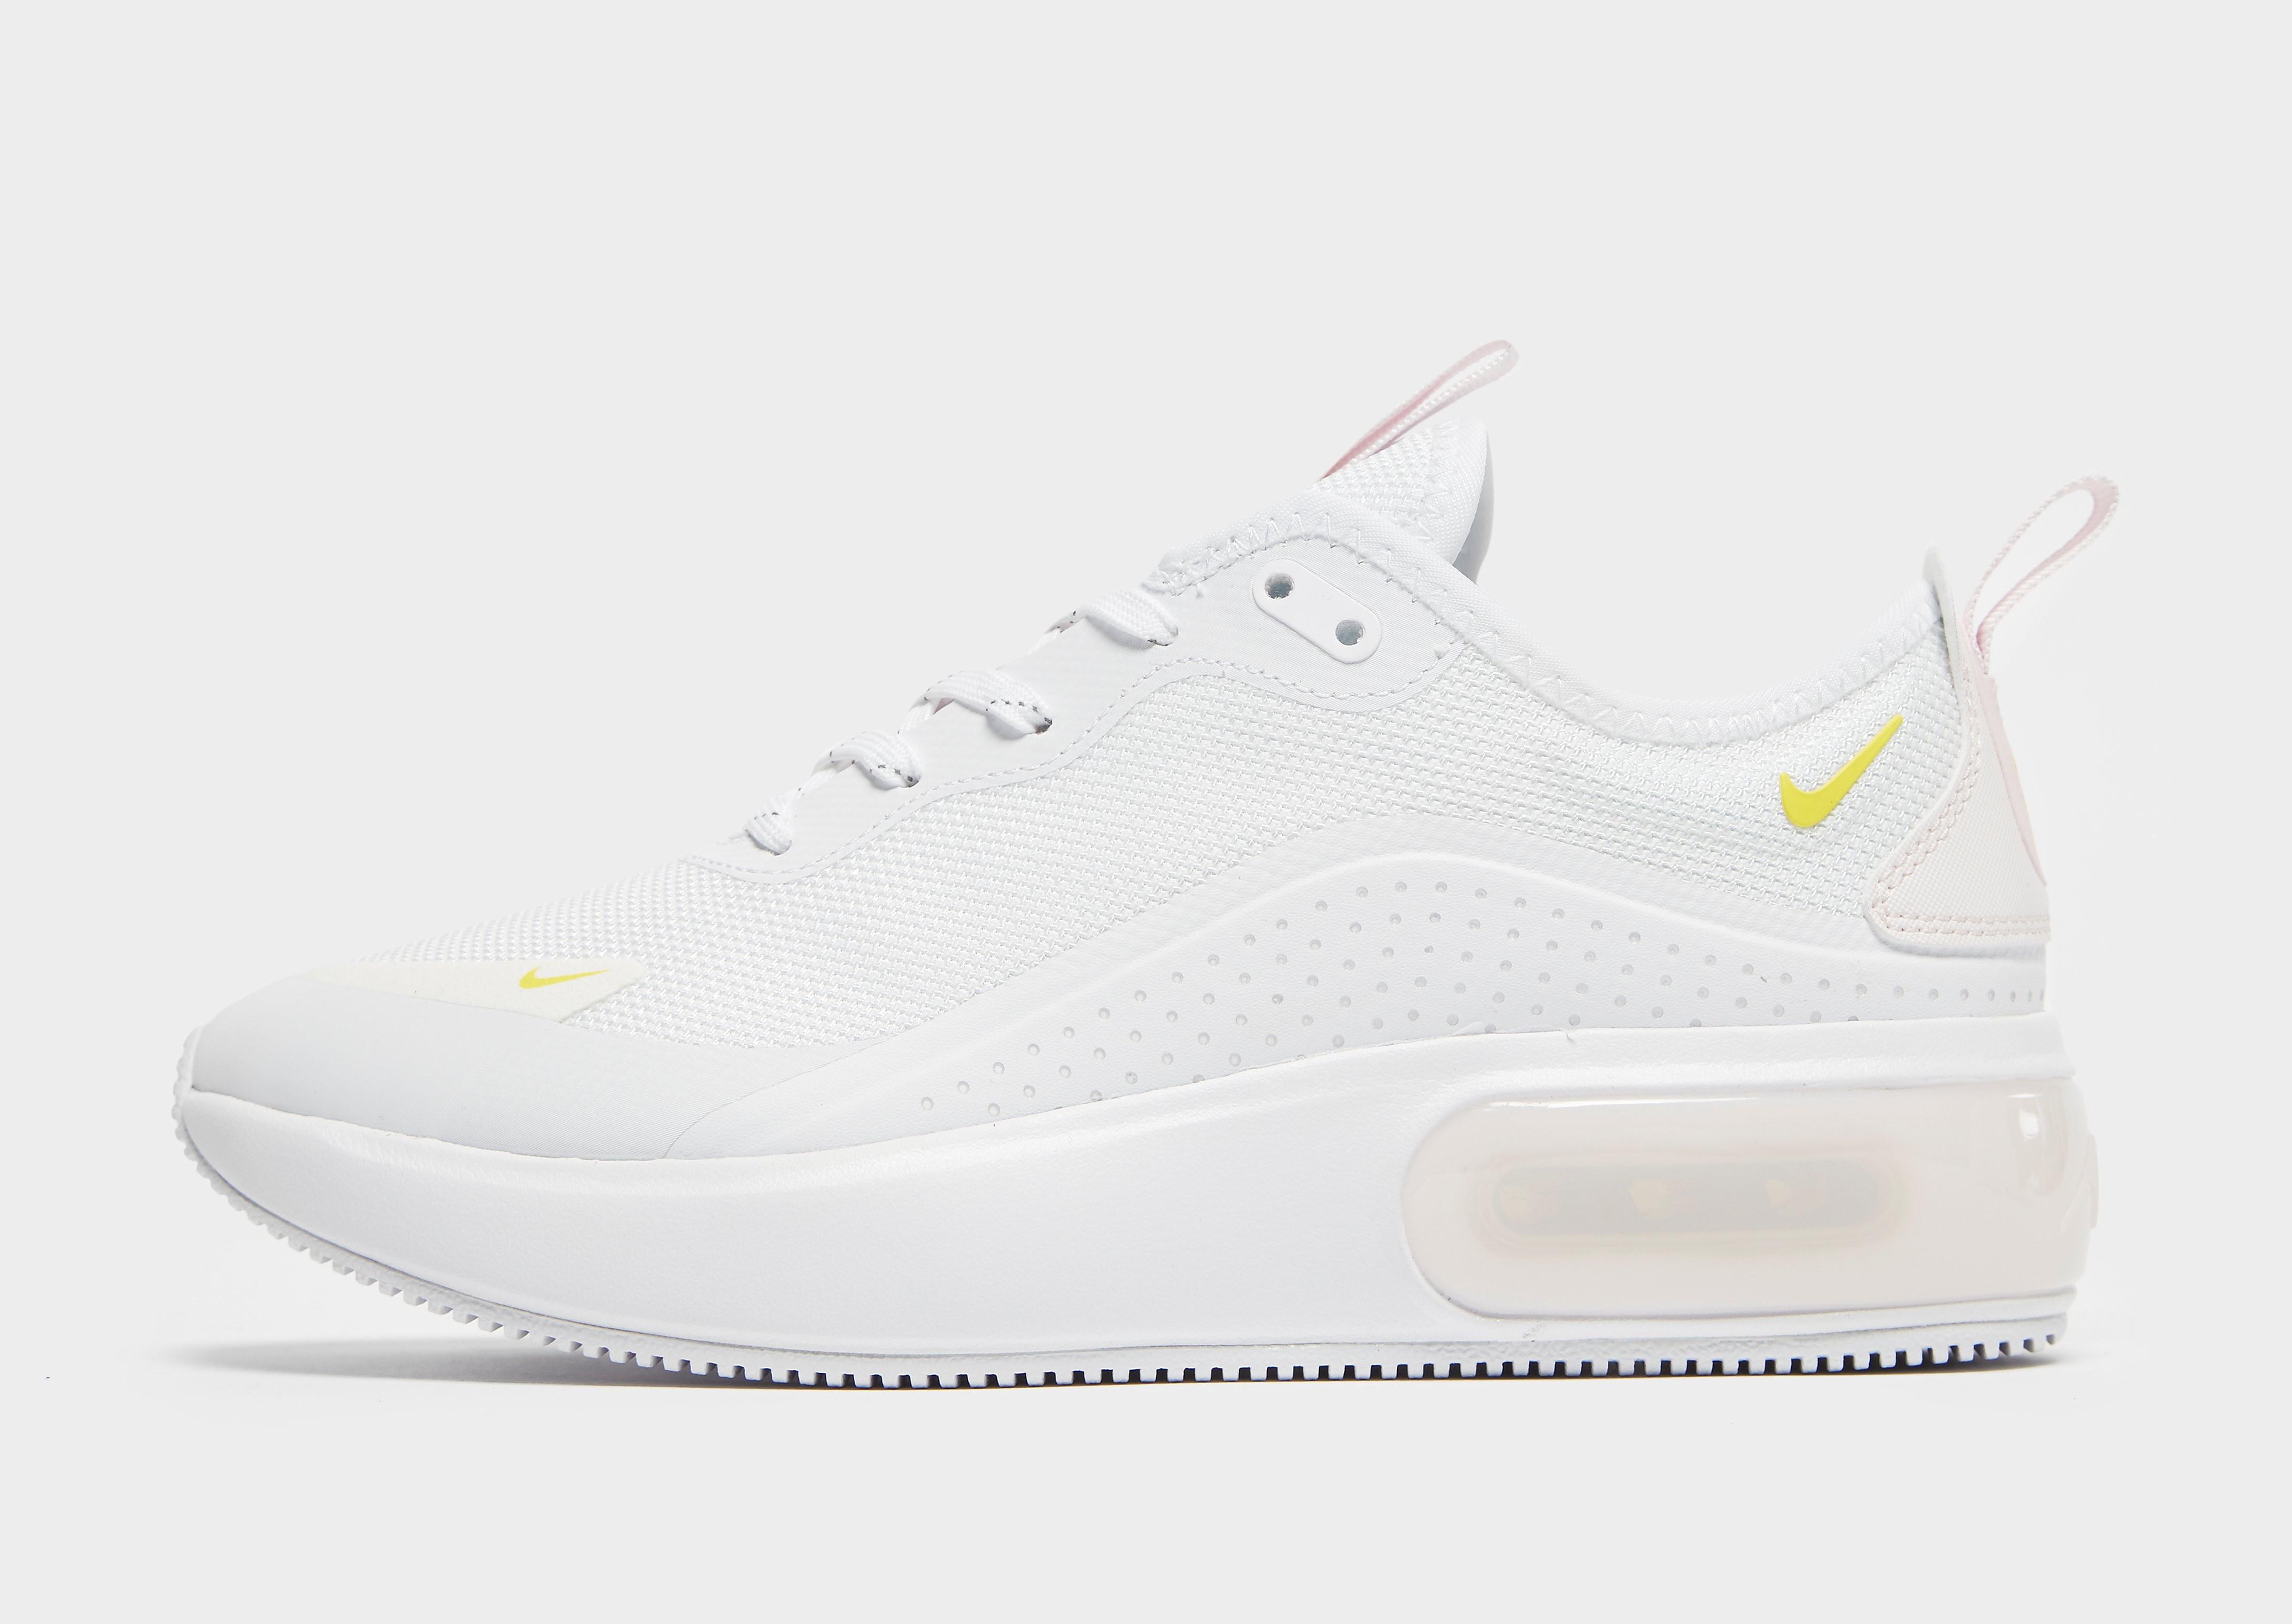 Nike Air Max Dia damessneaker wit, zwart en geel